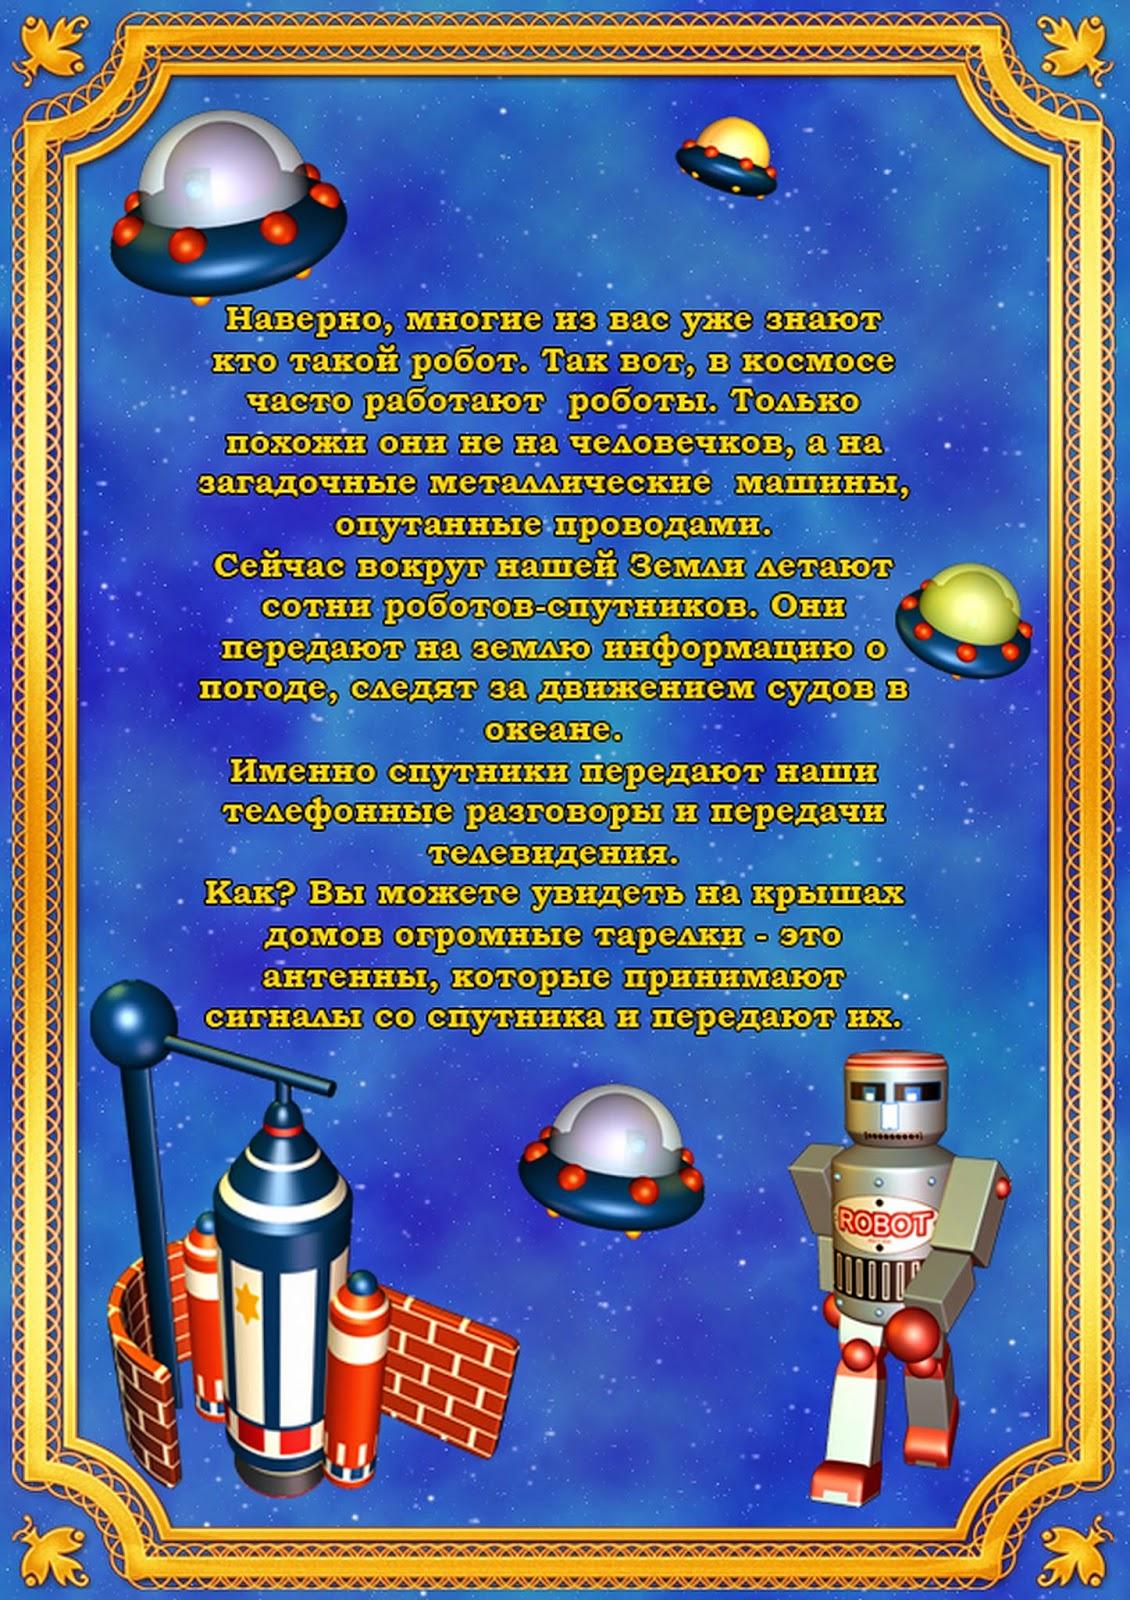 Сценарий праздника на день космонавтики для детского сада